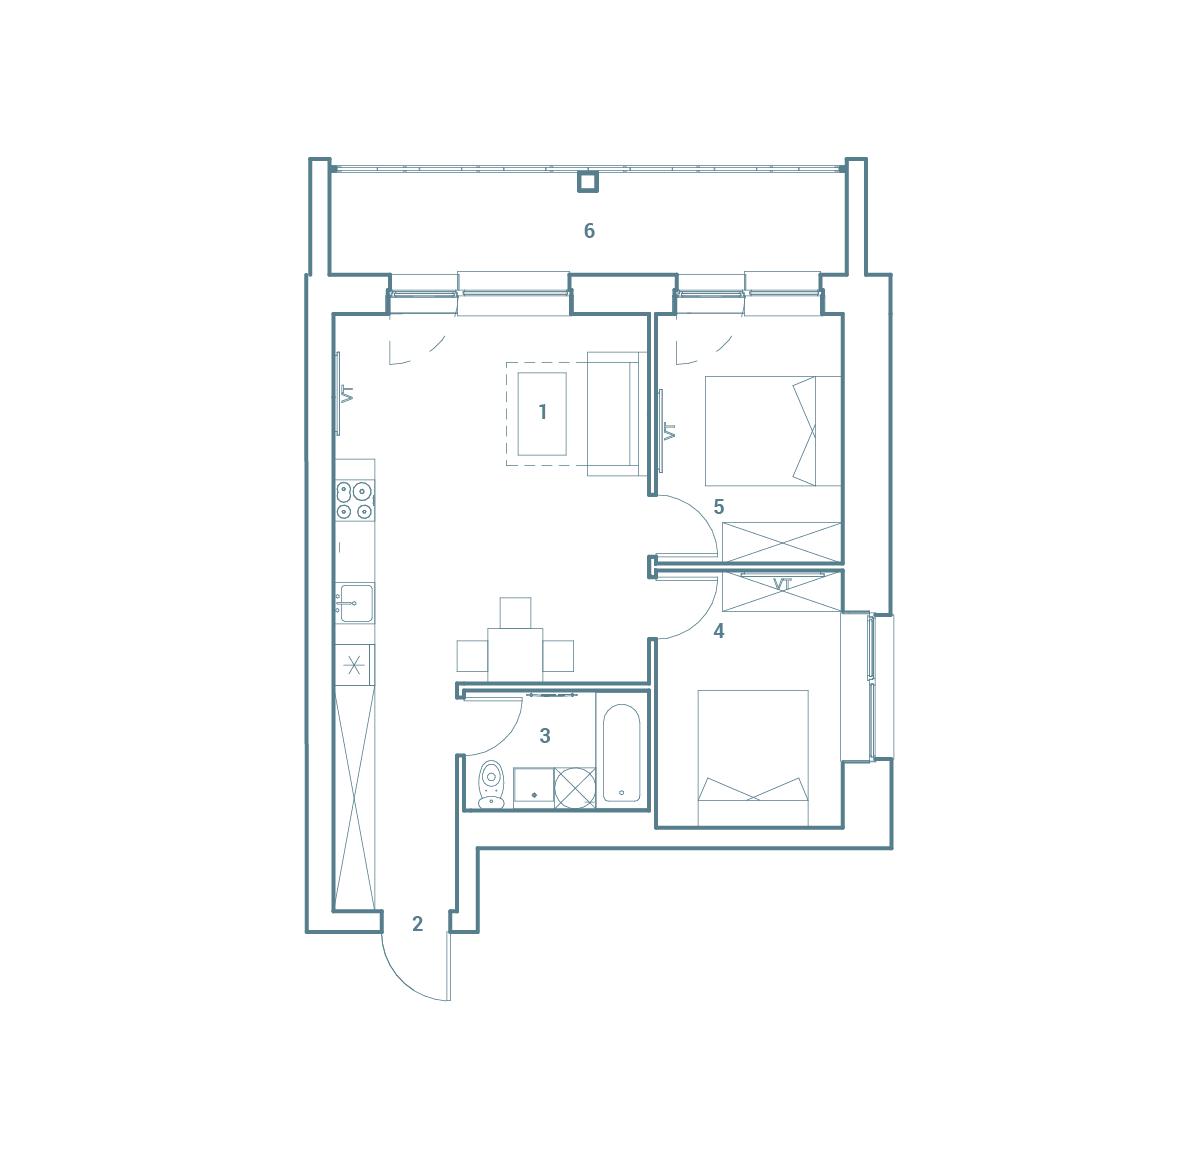 parduodamas butas Lazdynėlių g. 16B - 30  Vilniuje, buto 2D vaizdas